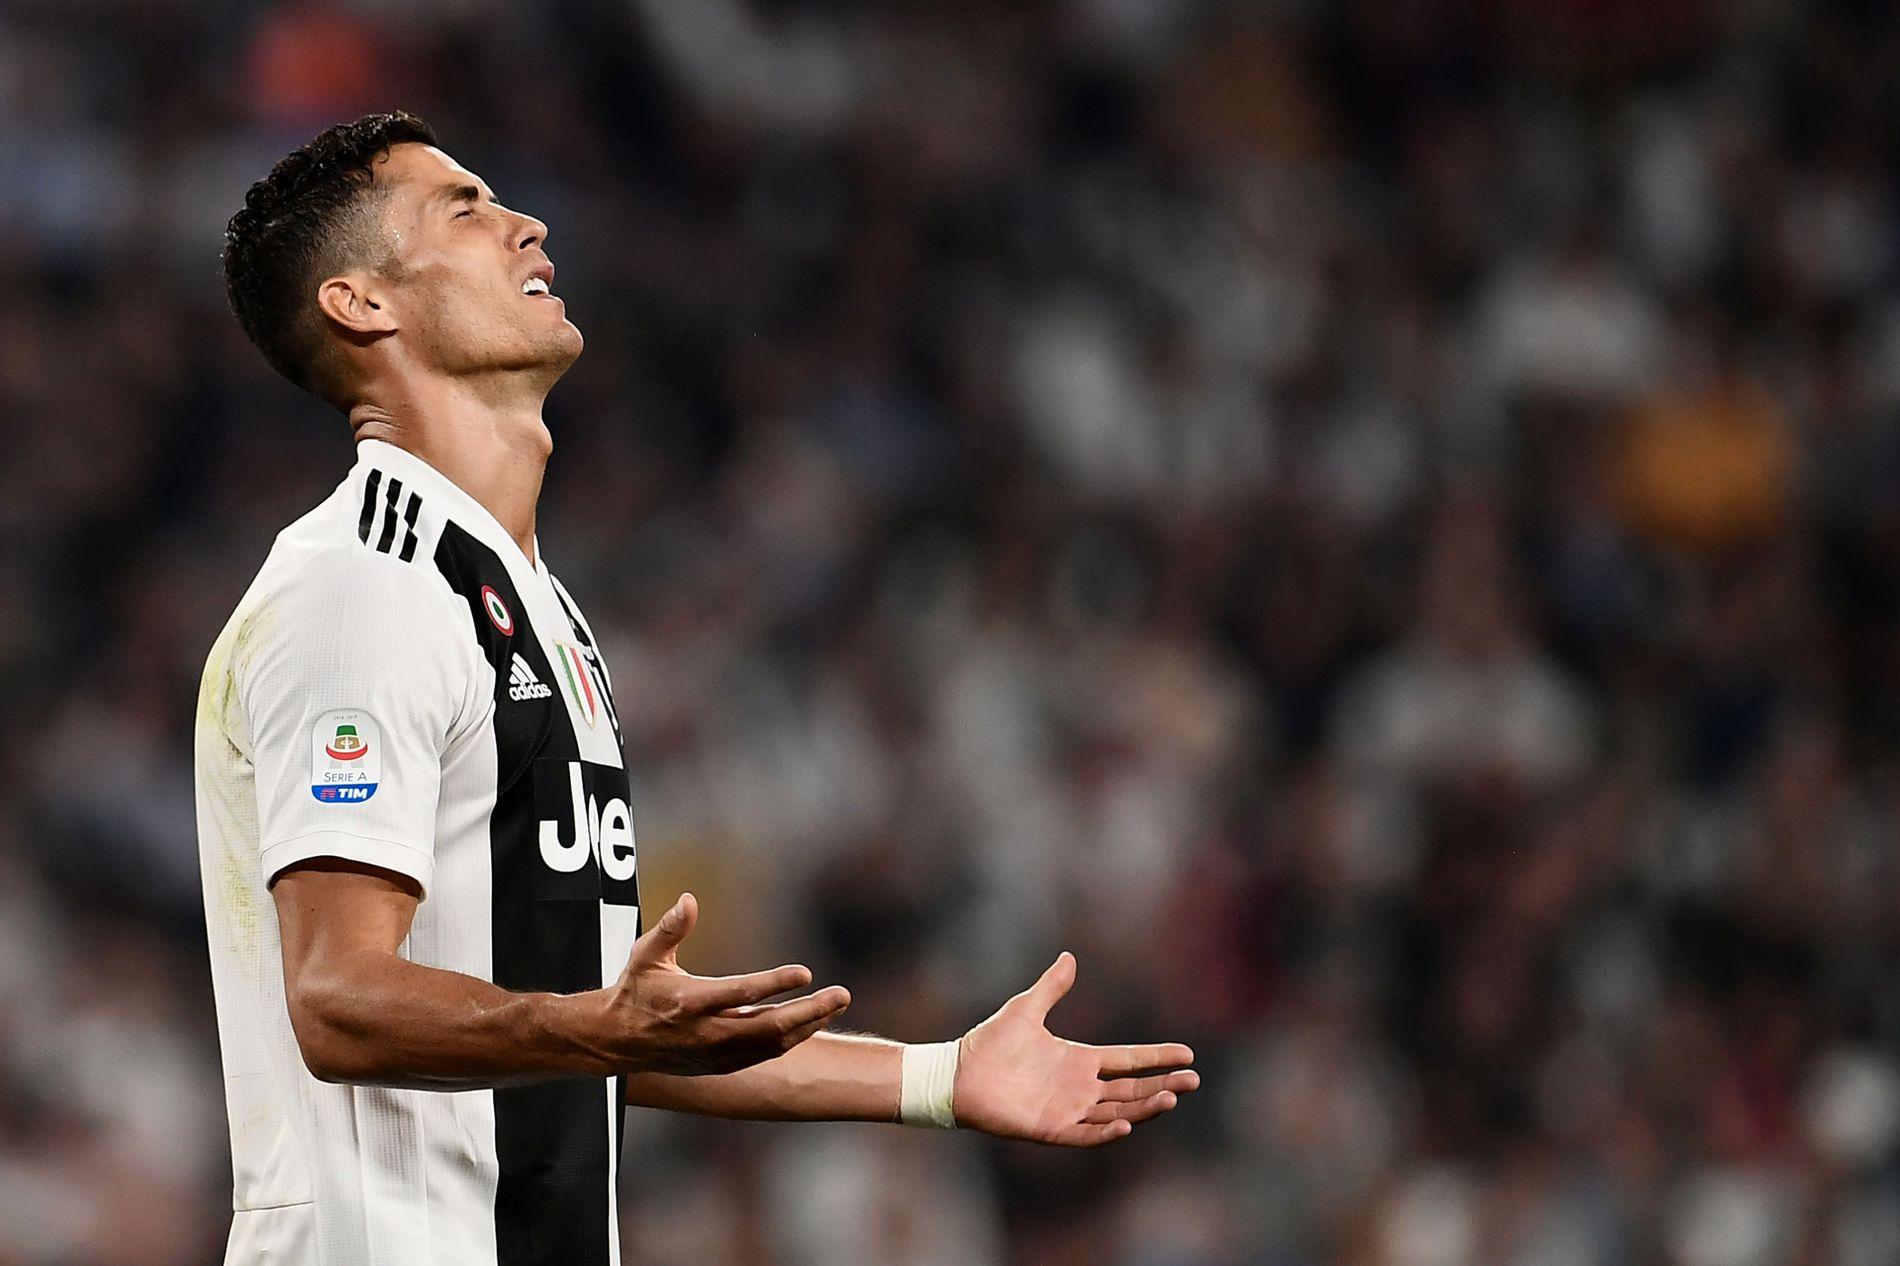 SPILLEKLAR LØRDAG: Cristiano Ronaldo, som her fortviler etter en misbrukt sjanse mot Napoli sist helg, er klar til bortemøtet mot Udinense.